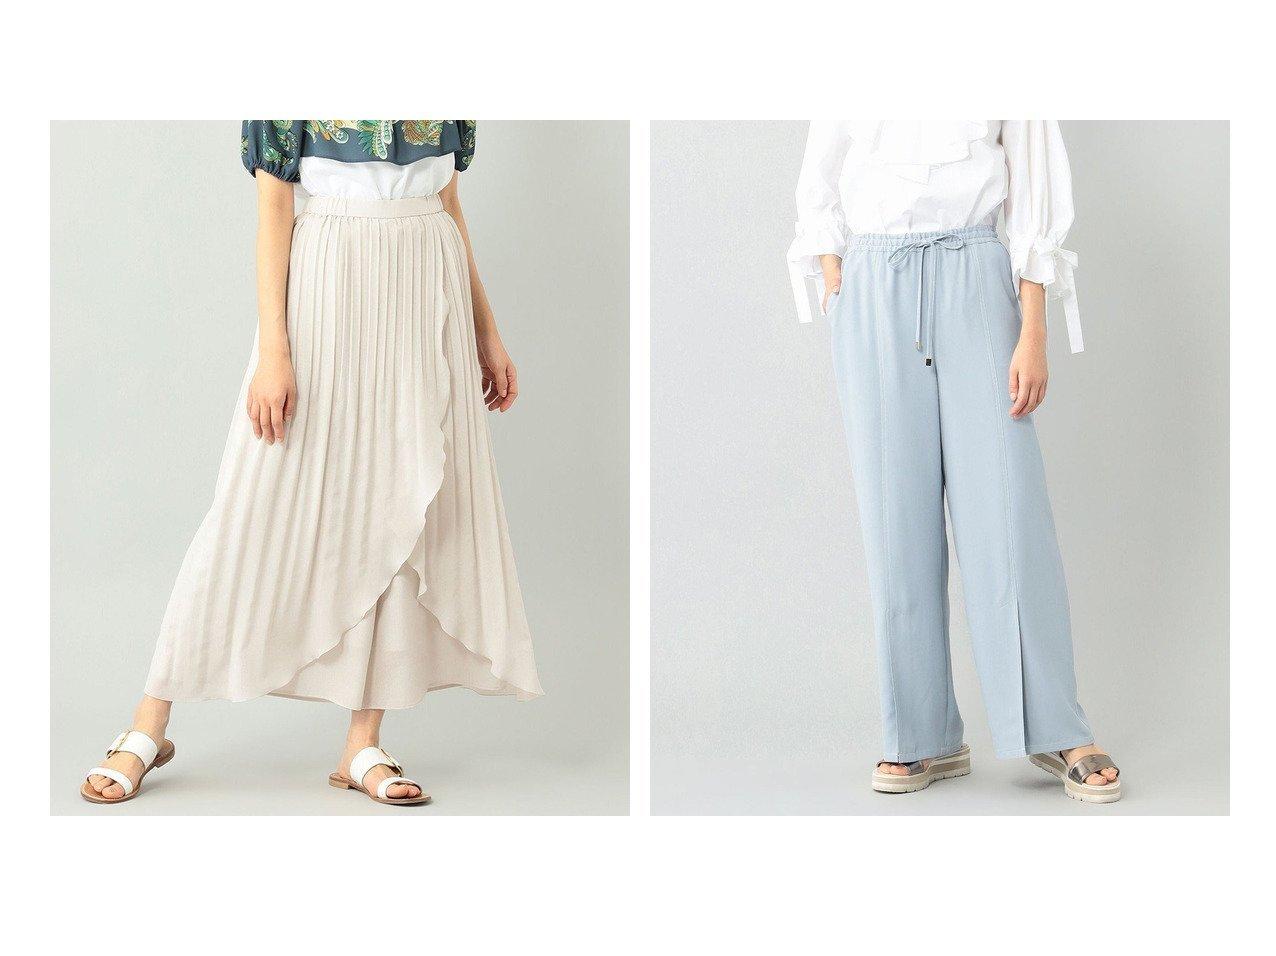 【GRACE CONTINENTAL/グレース コンチネンタル】のセミワイドイージーパンツ&ラップワッシャーパンツ 【パンツ】おすすめ!人気、トレンド・レディースファッションの通販 おすすめで人気の流行・トレンド、ファッションの通販商品 インテリア・家具・メンズファッション・キッズファッション・レディースファッション・服の通販 founy(ファニー) https://founy.com/ ファッション Fashion レディースファッション WOMEN パンツ Pants 送料無料 Free Shipping シフォン フィット フェミニン ラップ ワイド 再入荷 Restock/Back in Stock/Re Arrival 定番 Standard |ID:crp329100000052764